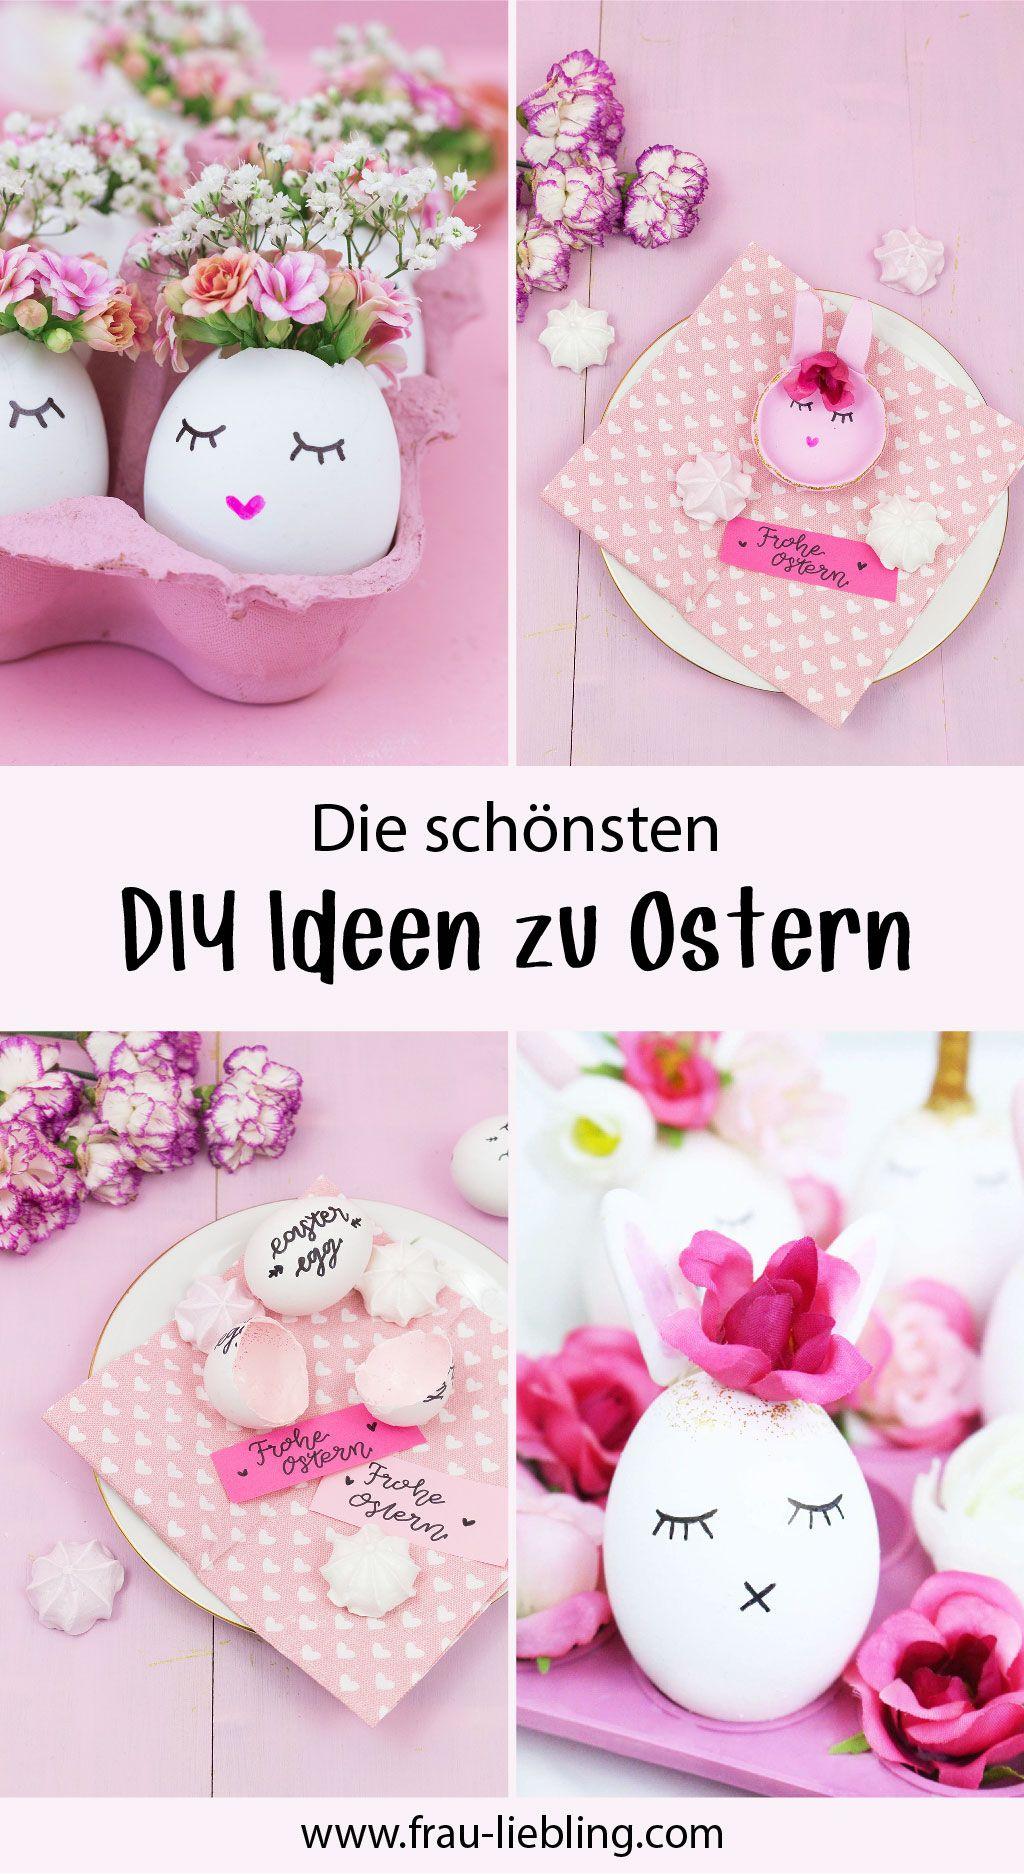 Entdecke Viele Kreative Diy Deko Und Geschenkideen Zu Ostern Die Du